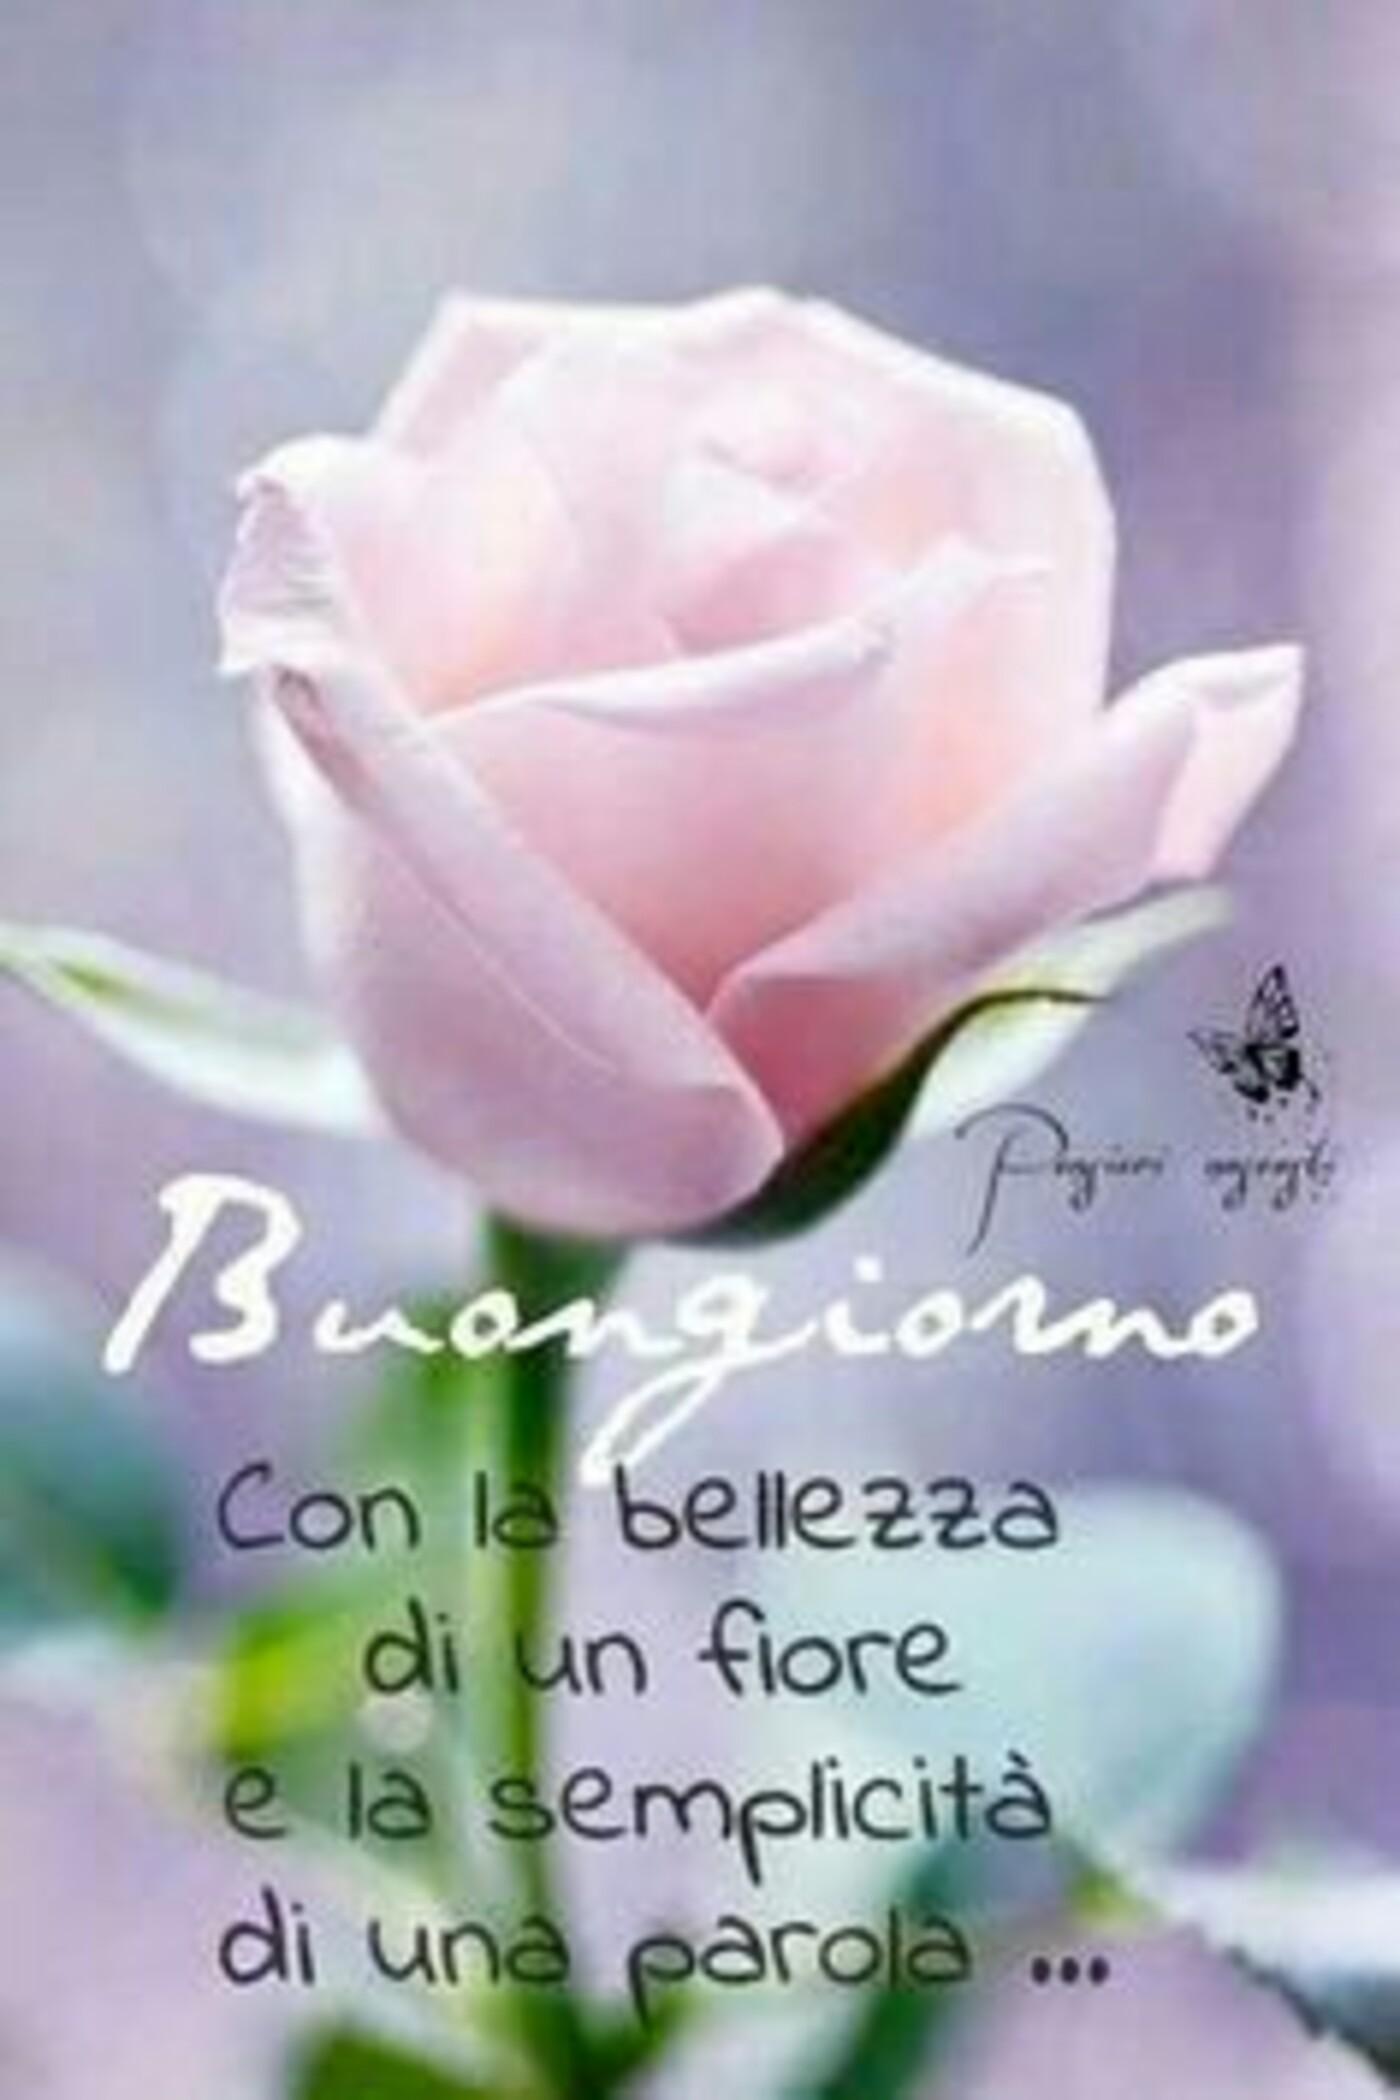 Buongiorno con la bellezza di un fiore e la semplicità di una parola...